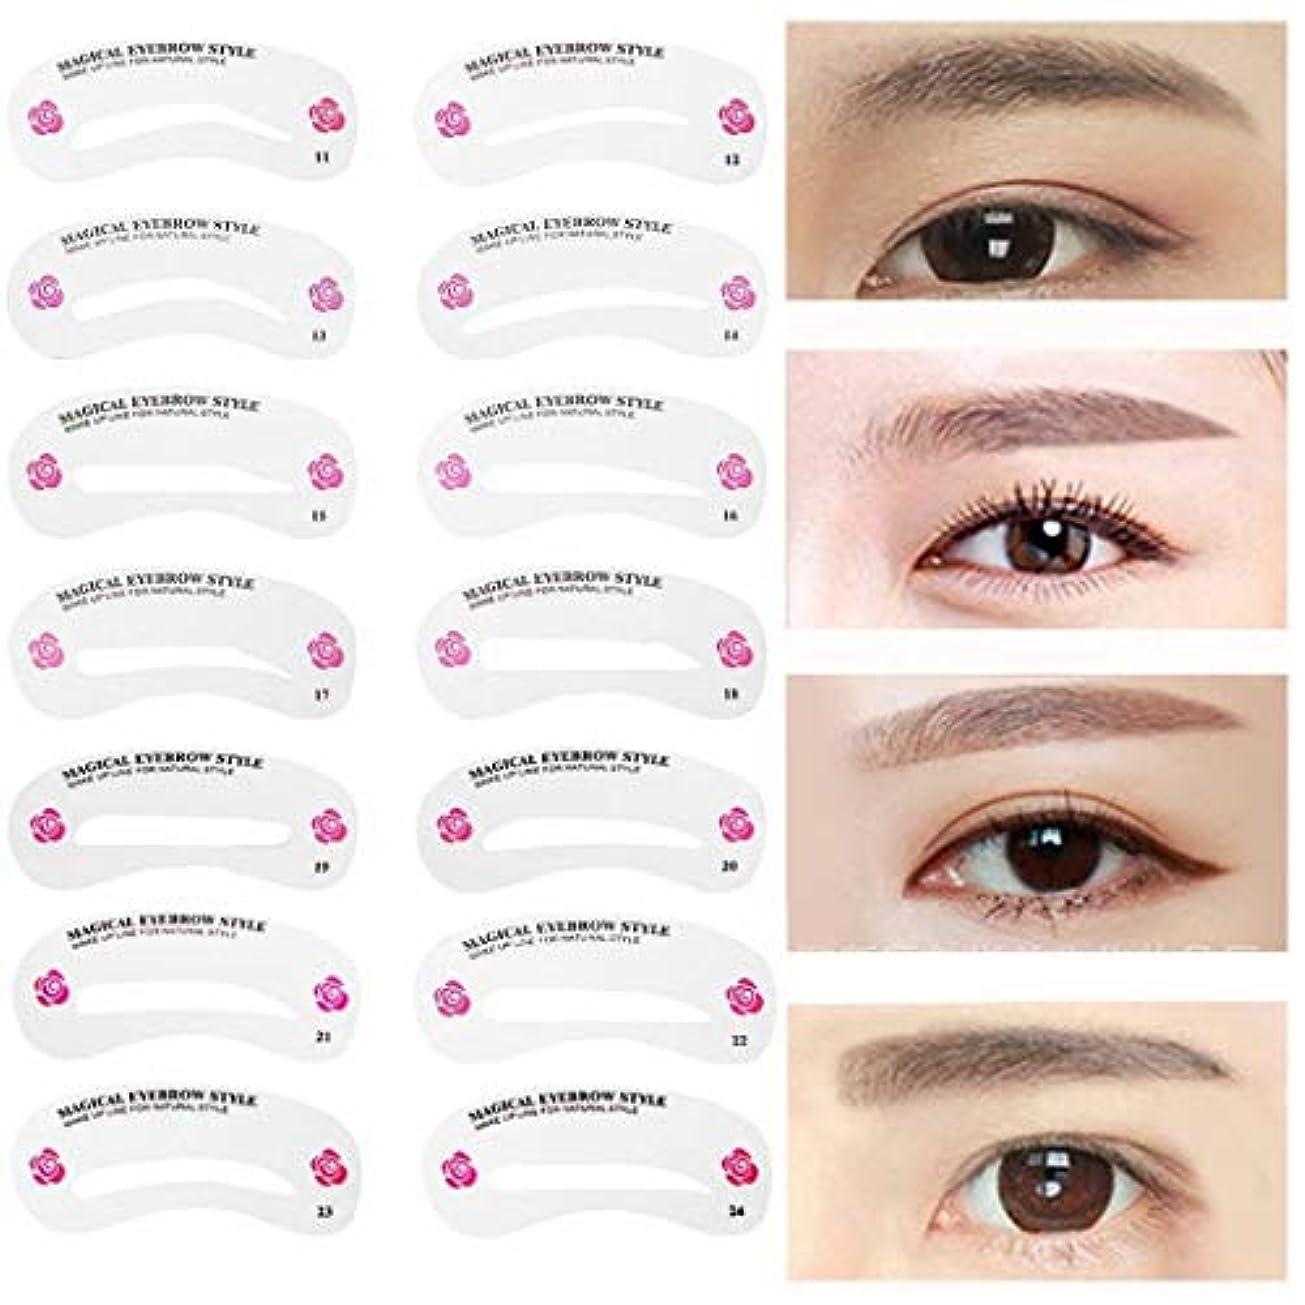 蒸発港有毒な24種類 眉毛テンプレート24枚セット 太眉対応 24パターン 眉毛を気分で使い分け 眉用ステンシル